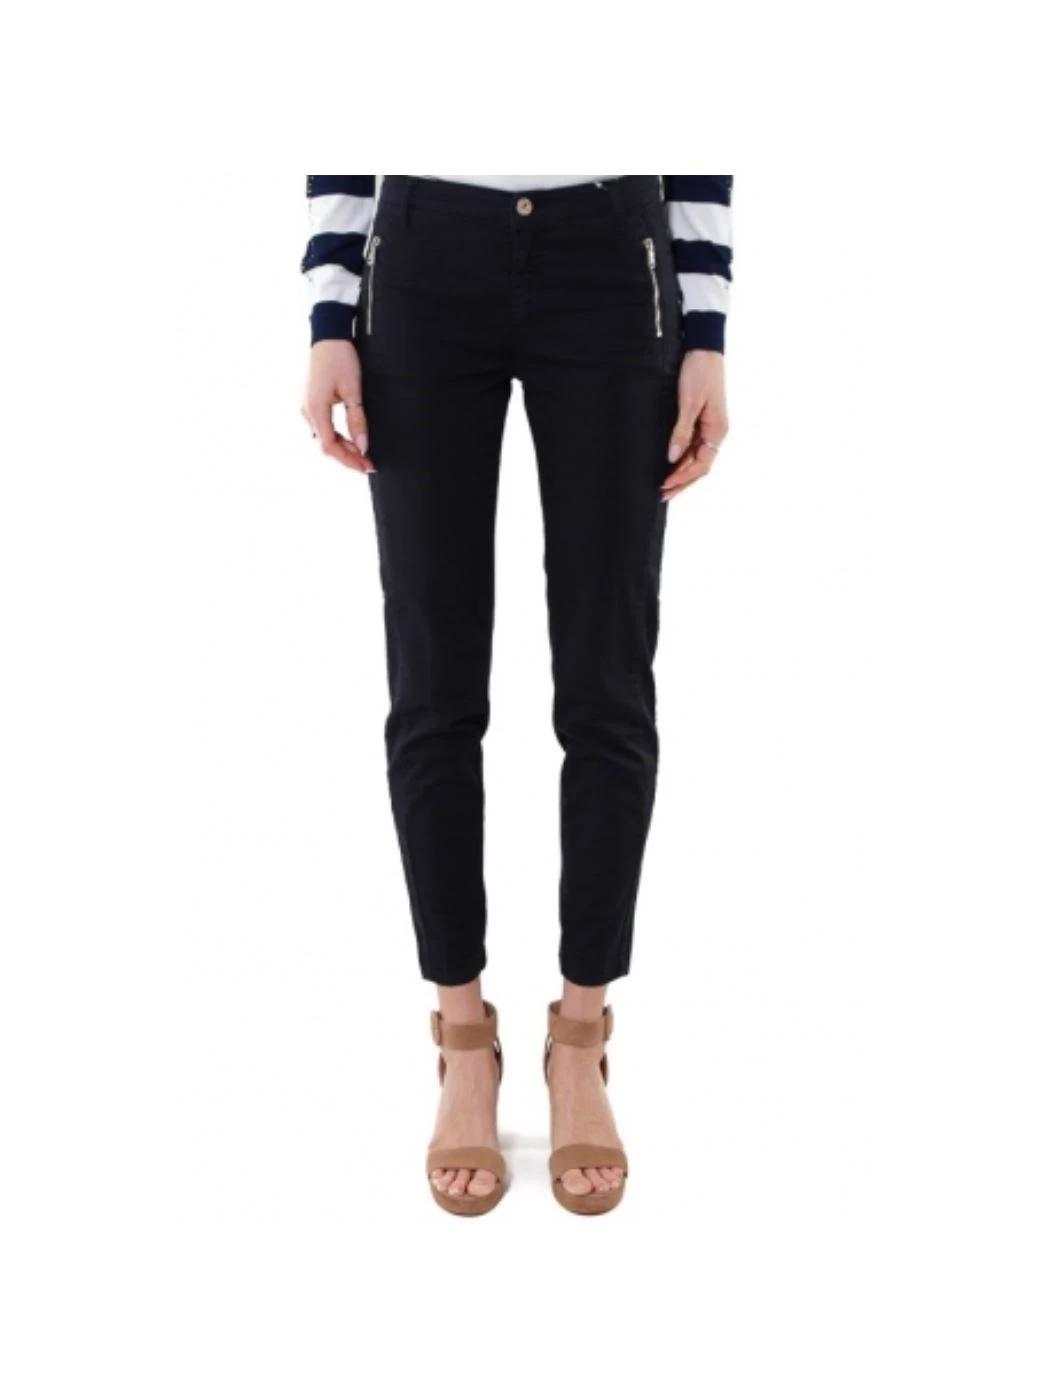 LIU JO Pantalone linea slim bottom-up WA0192T9257